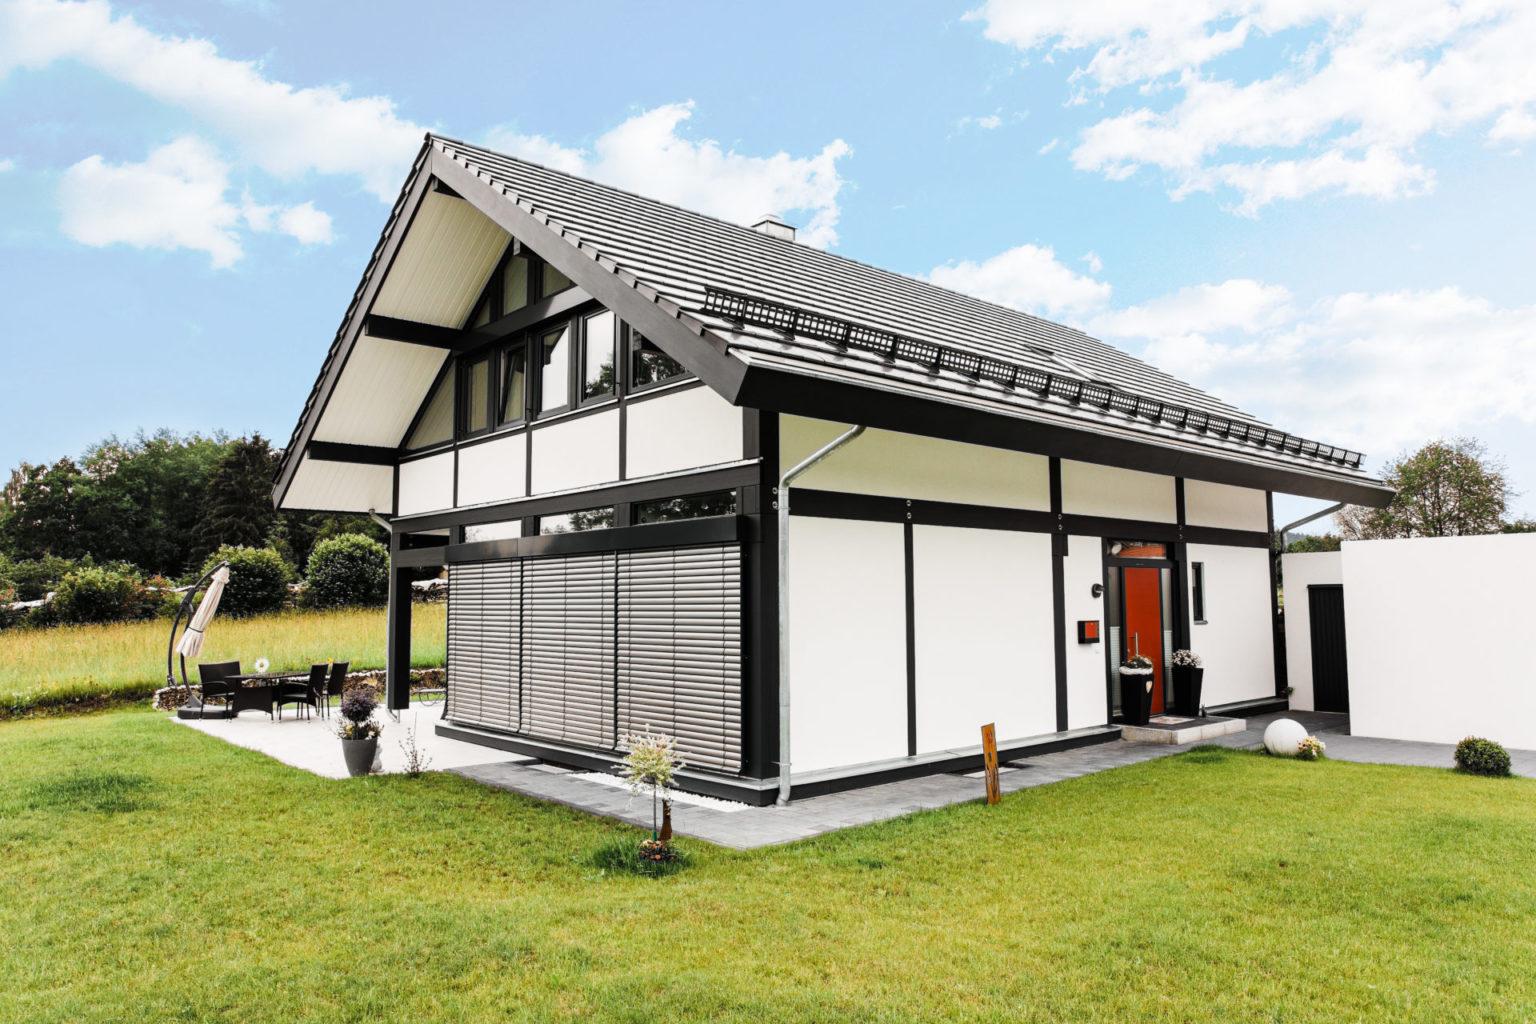 Modernes fachwerk mit offenem lichtdurchflutetem for Fachwerkhaus konstruktion